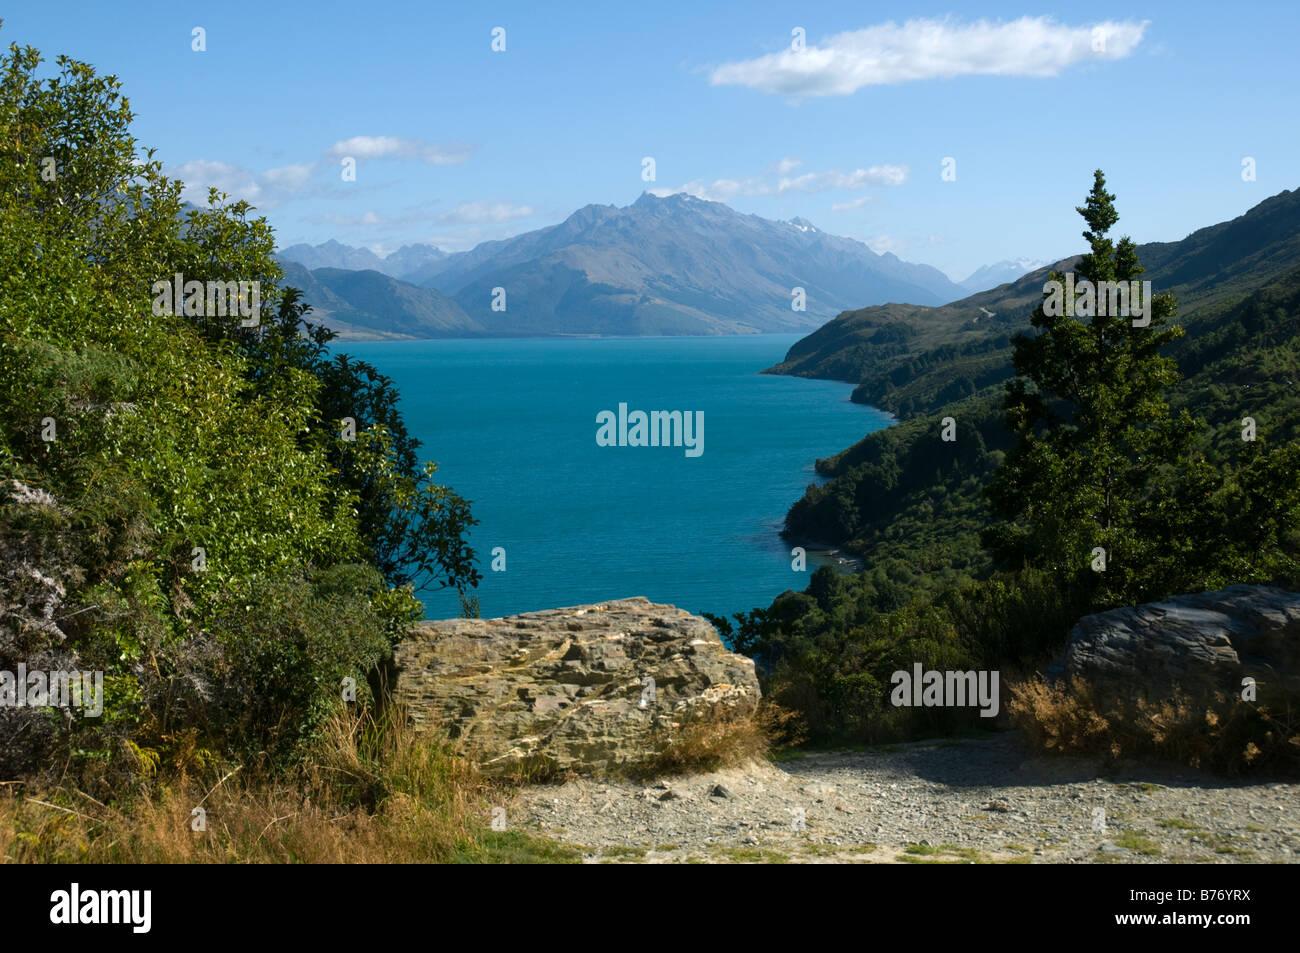 Le lac Wakatipu, près de Glenorchy, île du Sud, Nouvelle-Zélande Banque D'Images